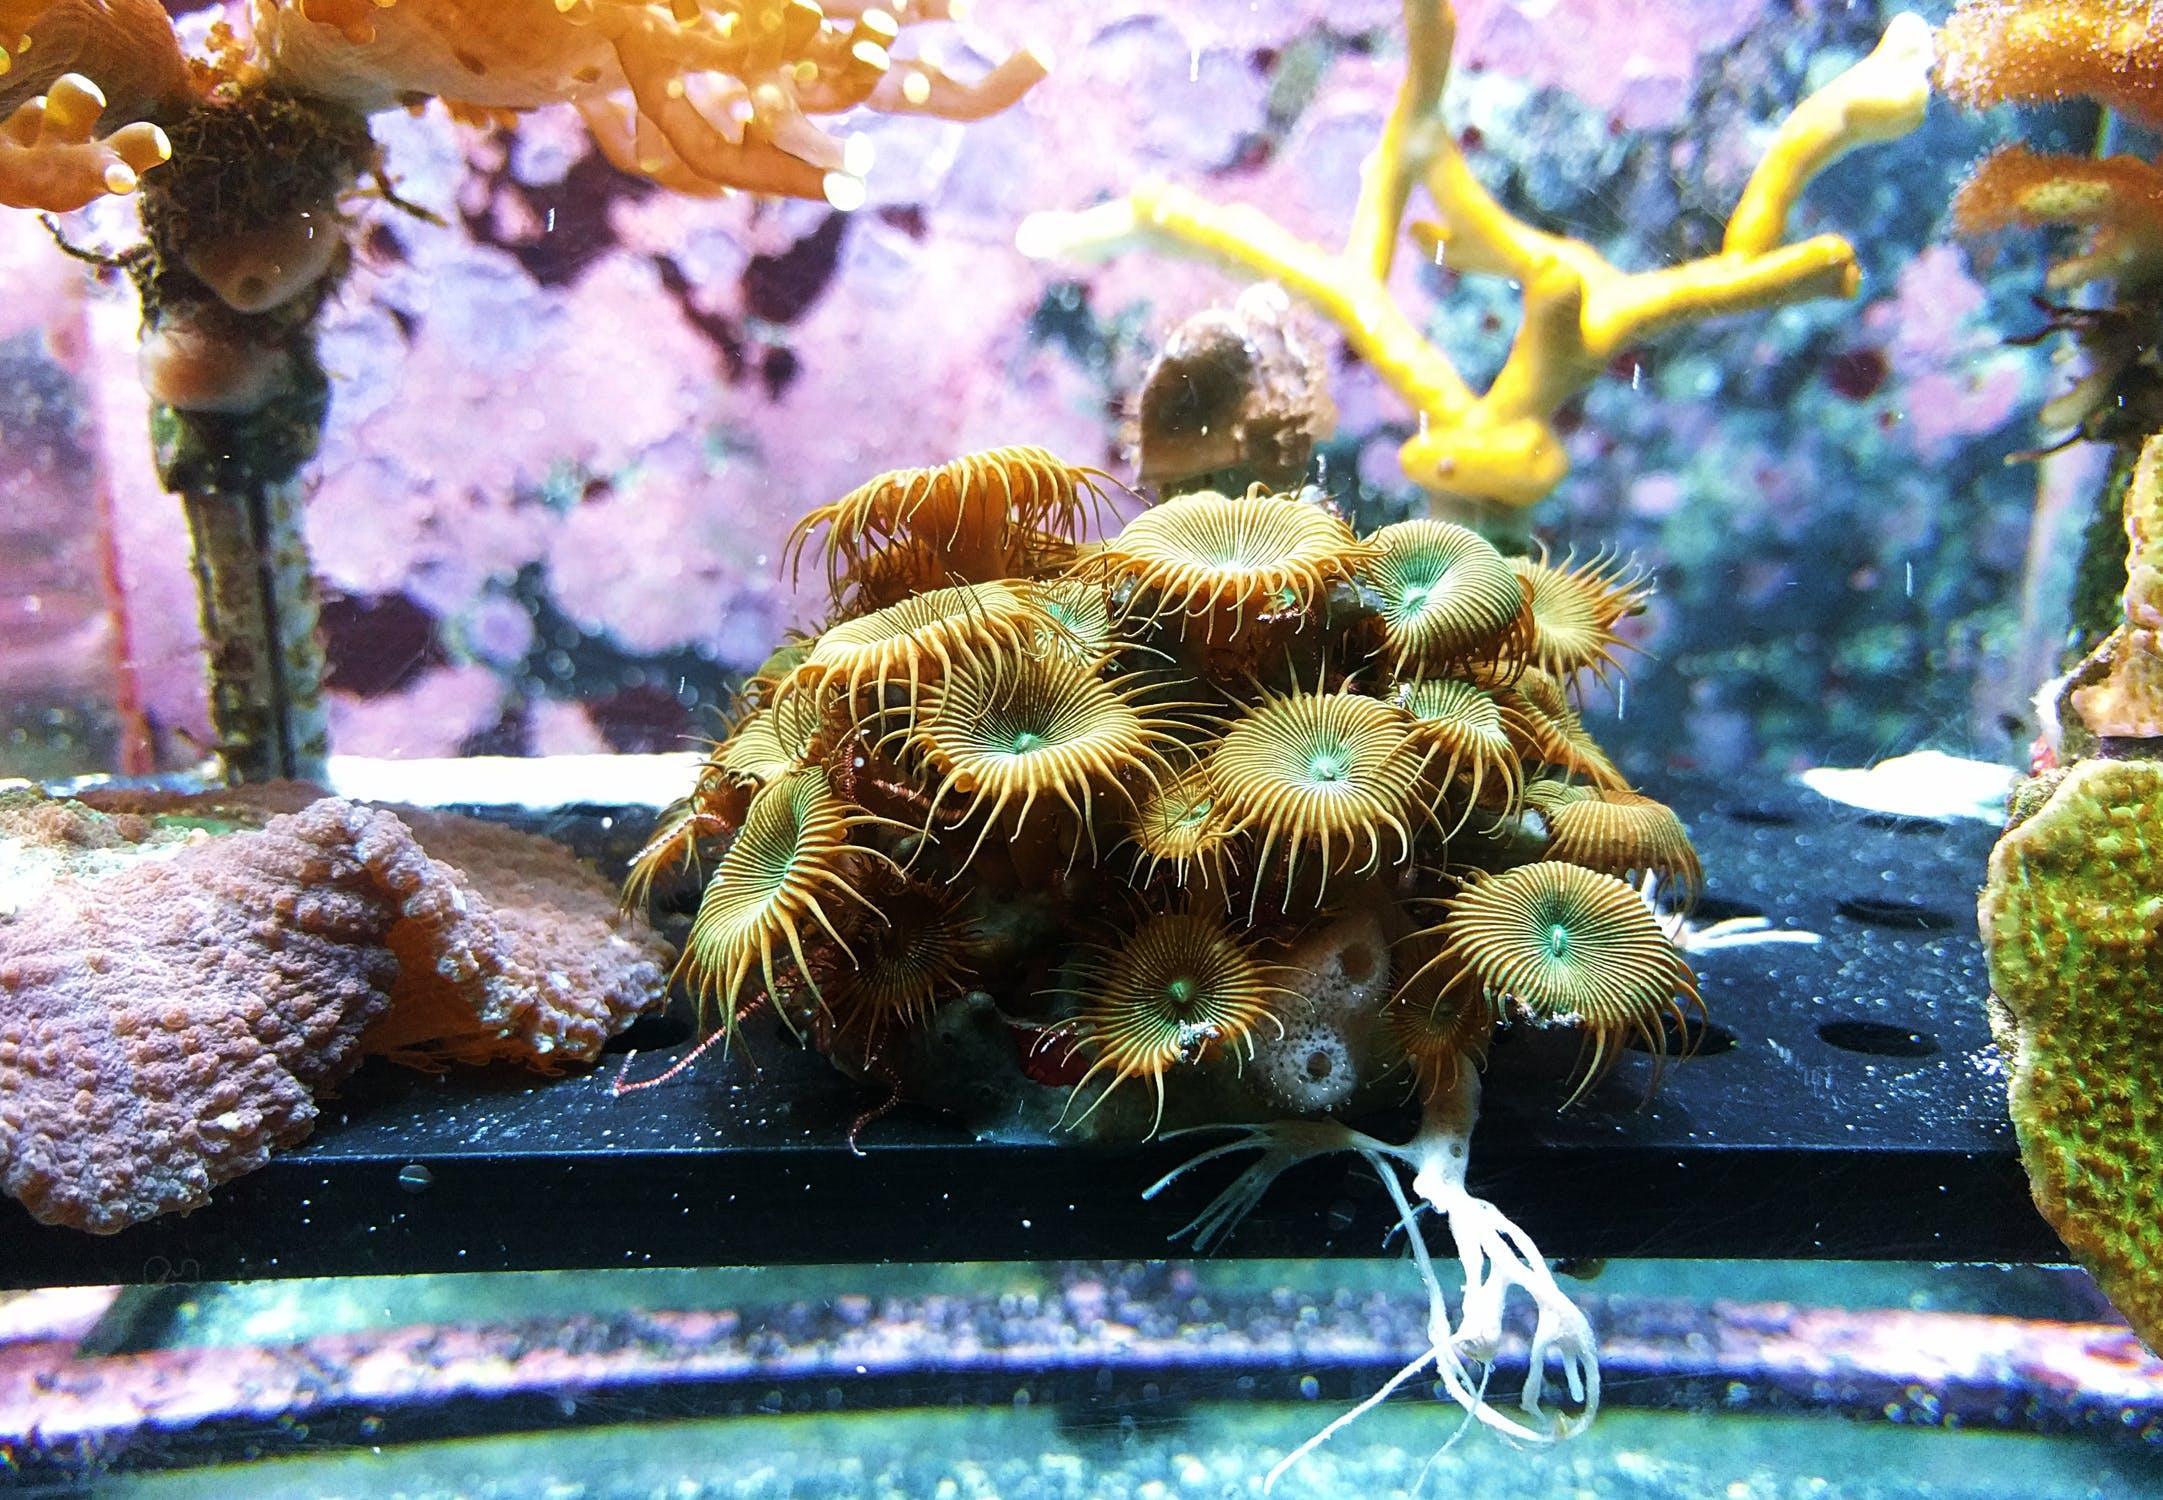 Corales coloridos dentro de una pecera. | Imagen: Pexels